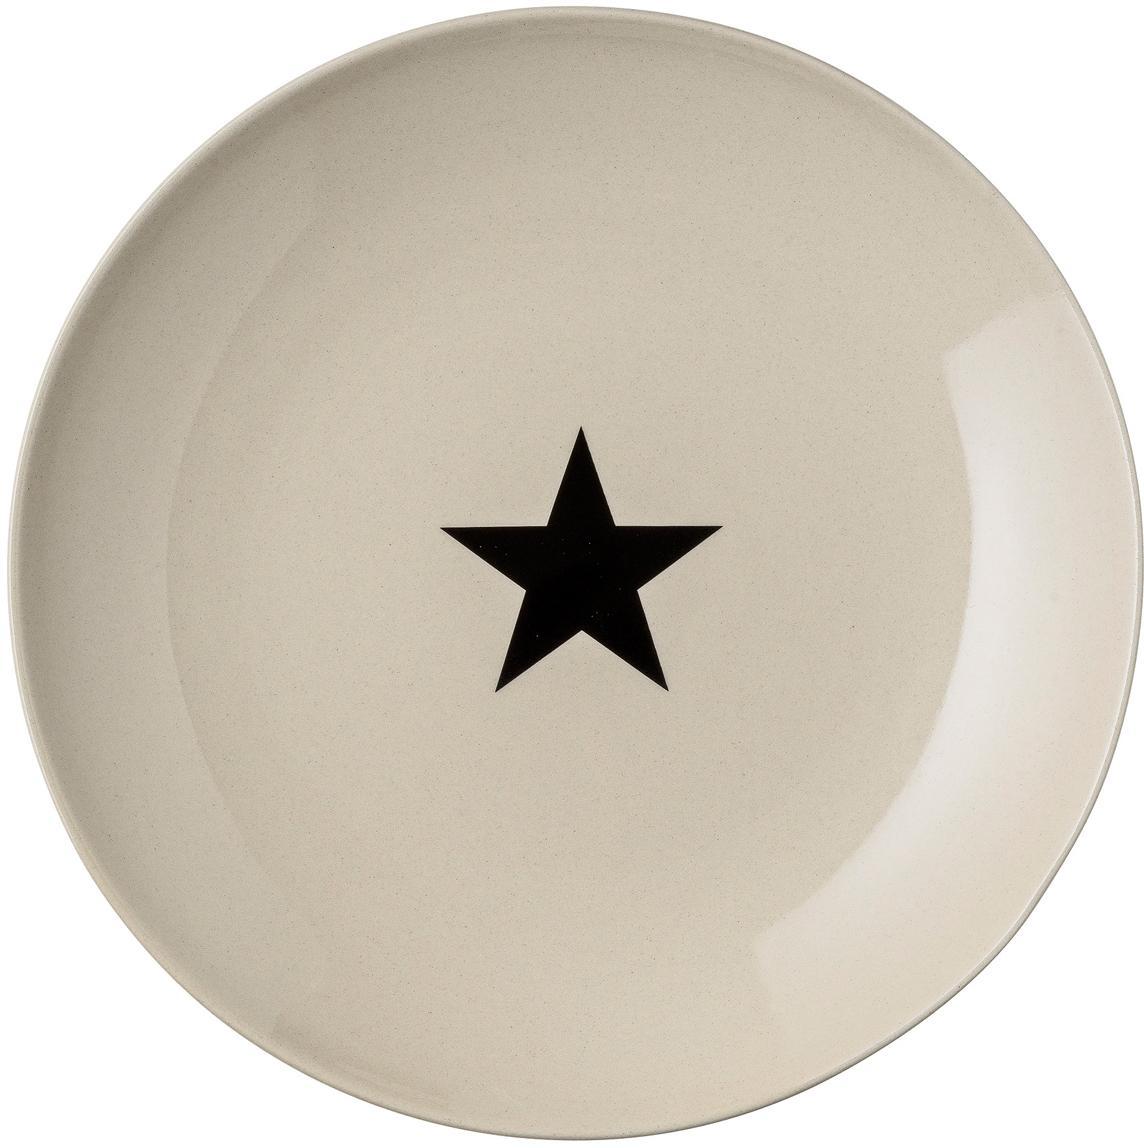 Speiseteller Star mit schwarzem Stern, Steingut, Beige, Schwarz, Ø 25 cm